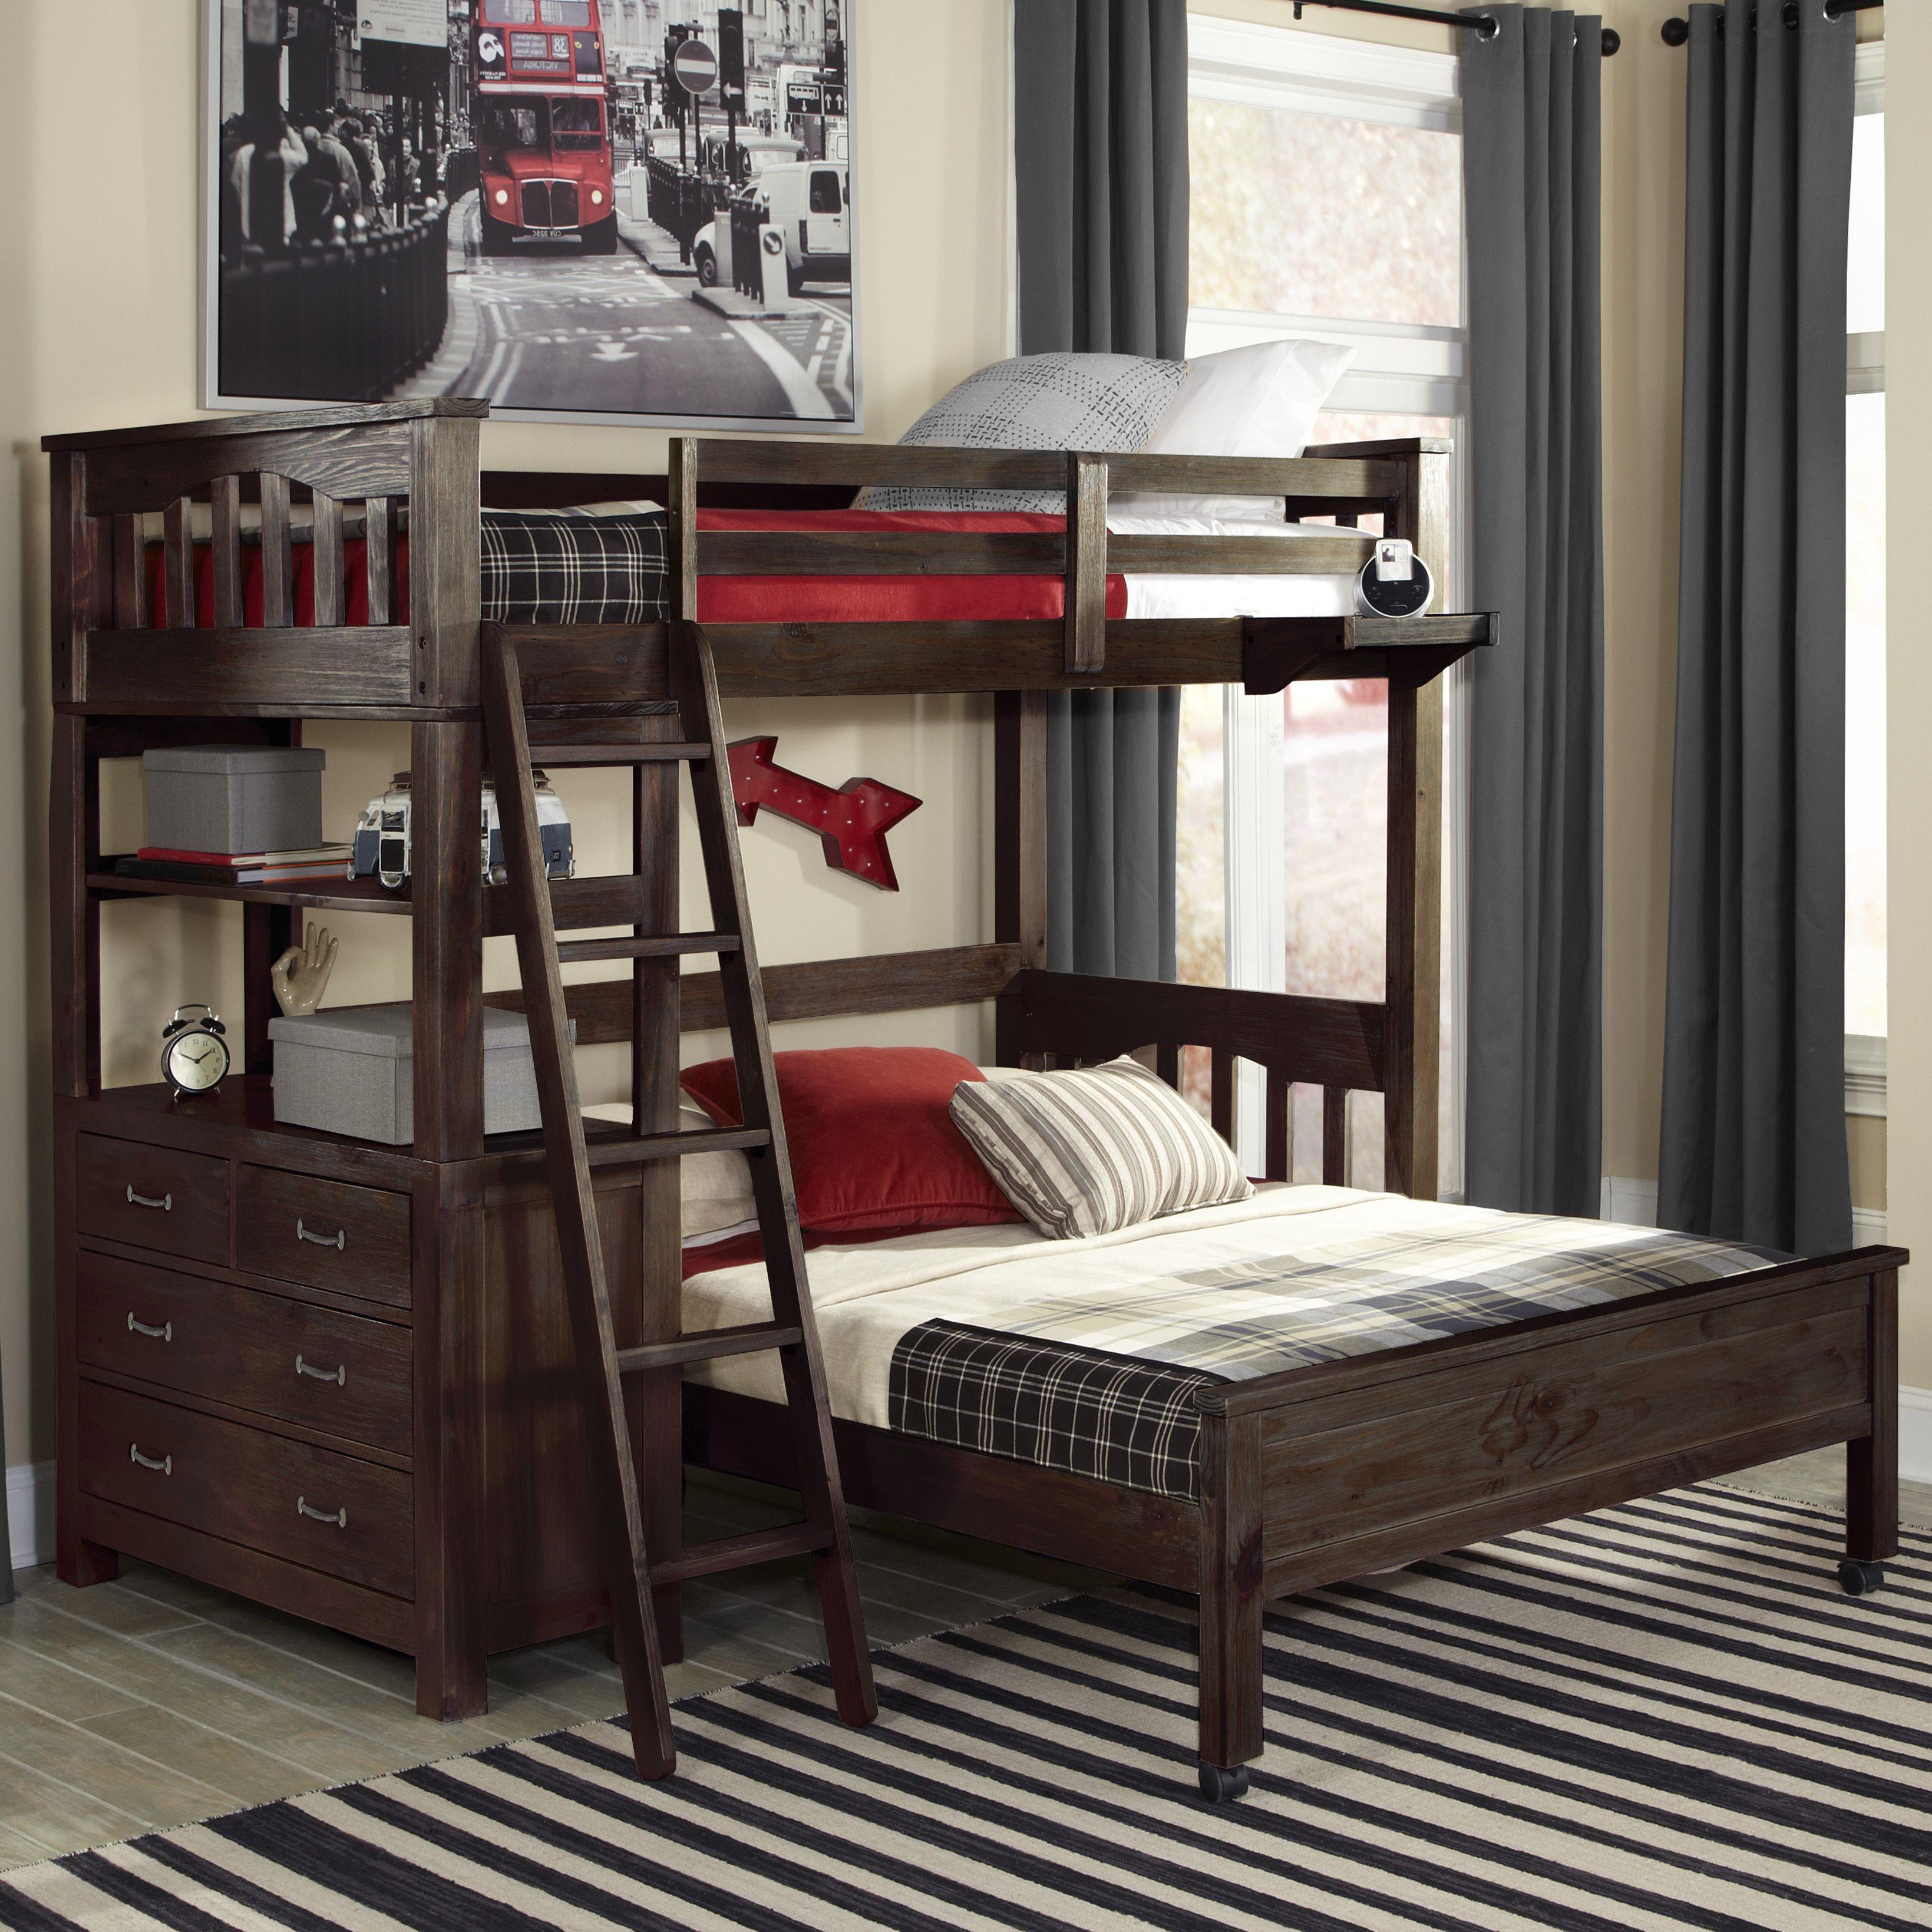 Teenrooms go to bunk bed, interiors, espresso, kids rooms, teen rooms